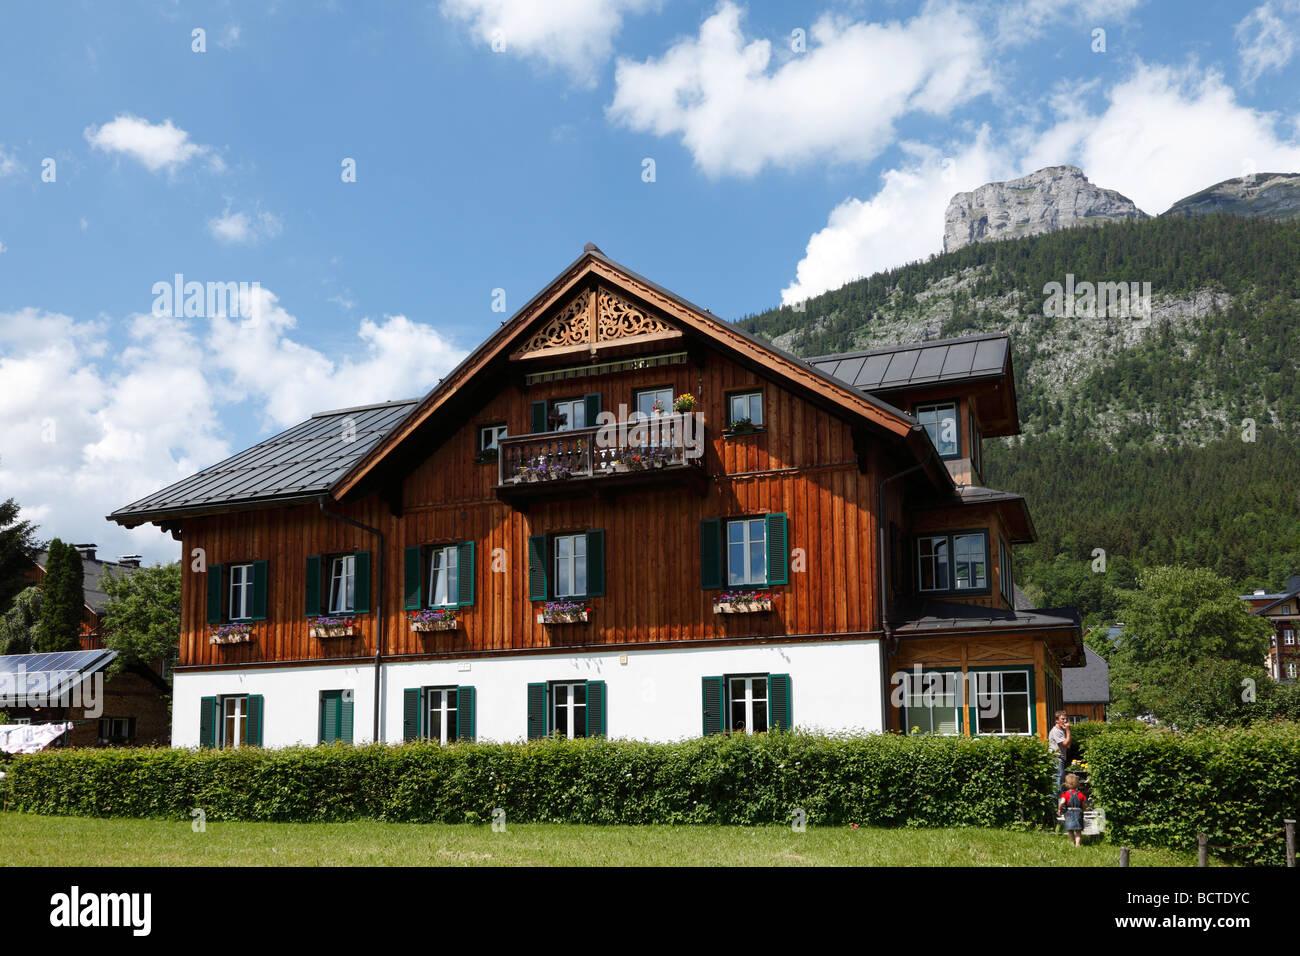 Case Di Montagna In Legno : Tradizionale casa di legno in altaussee perdente di montagna